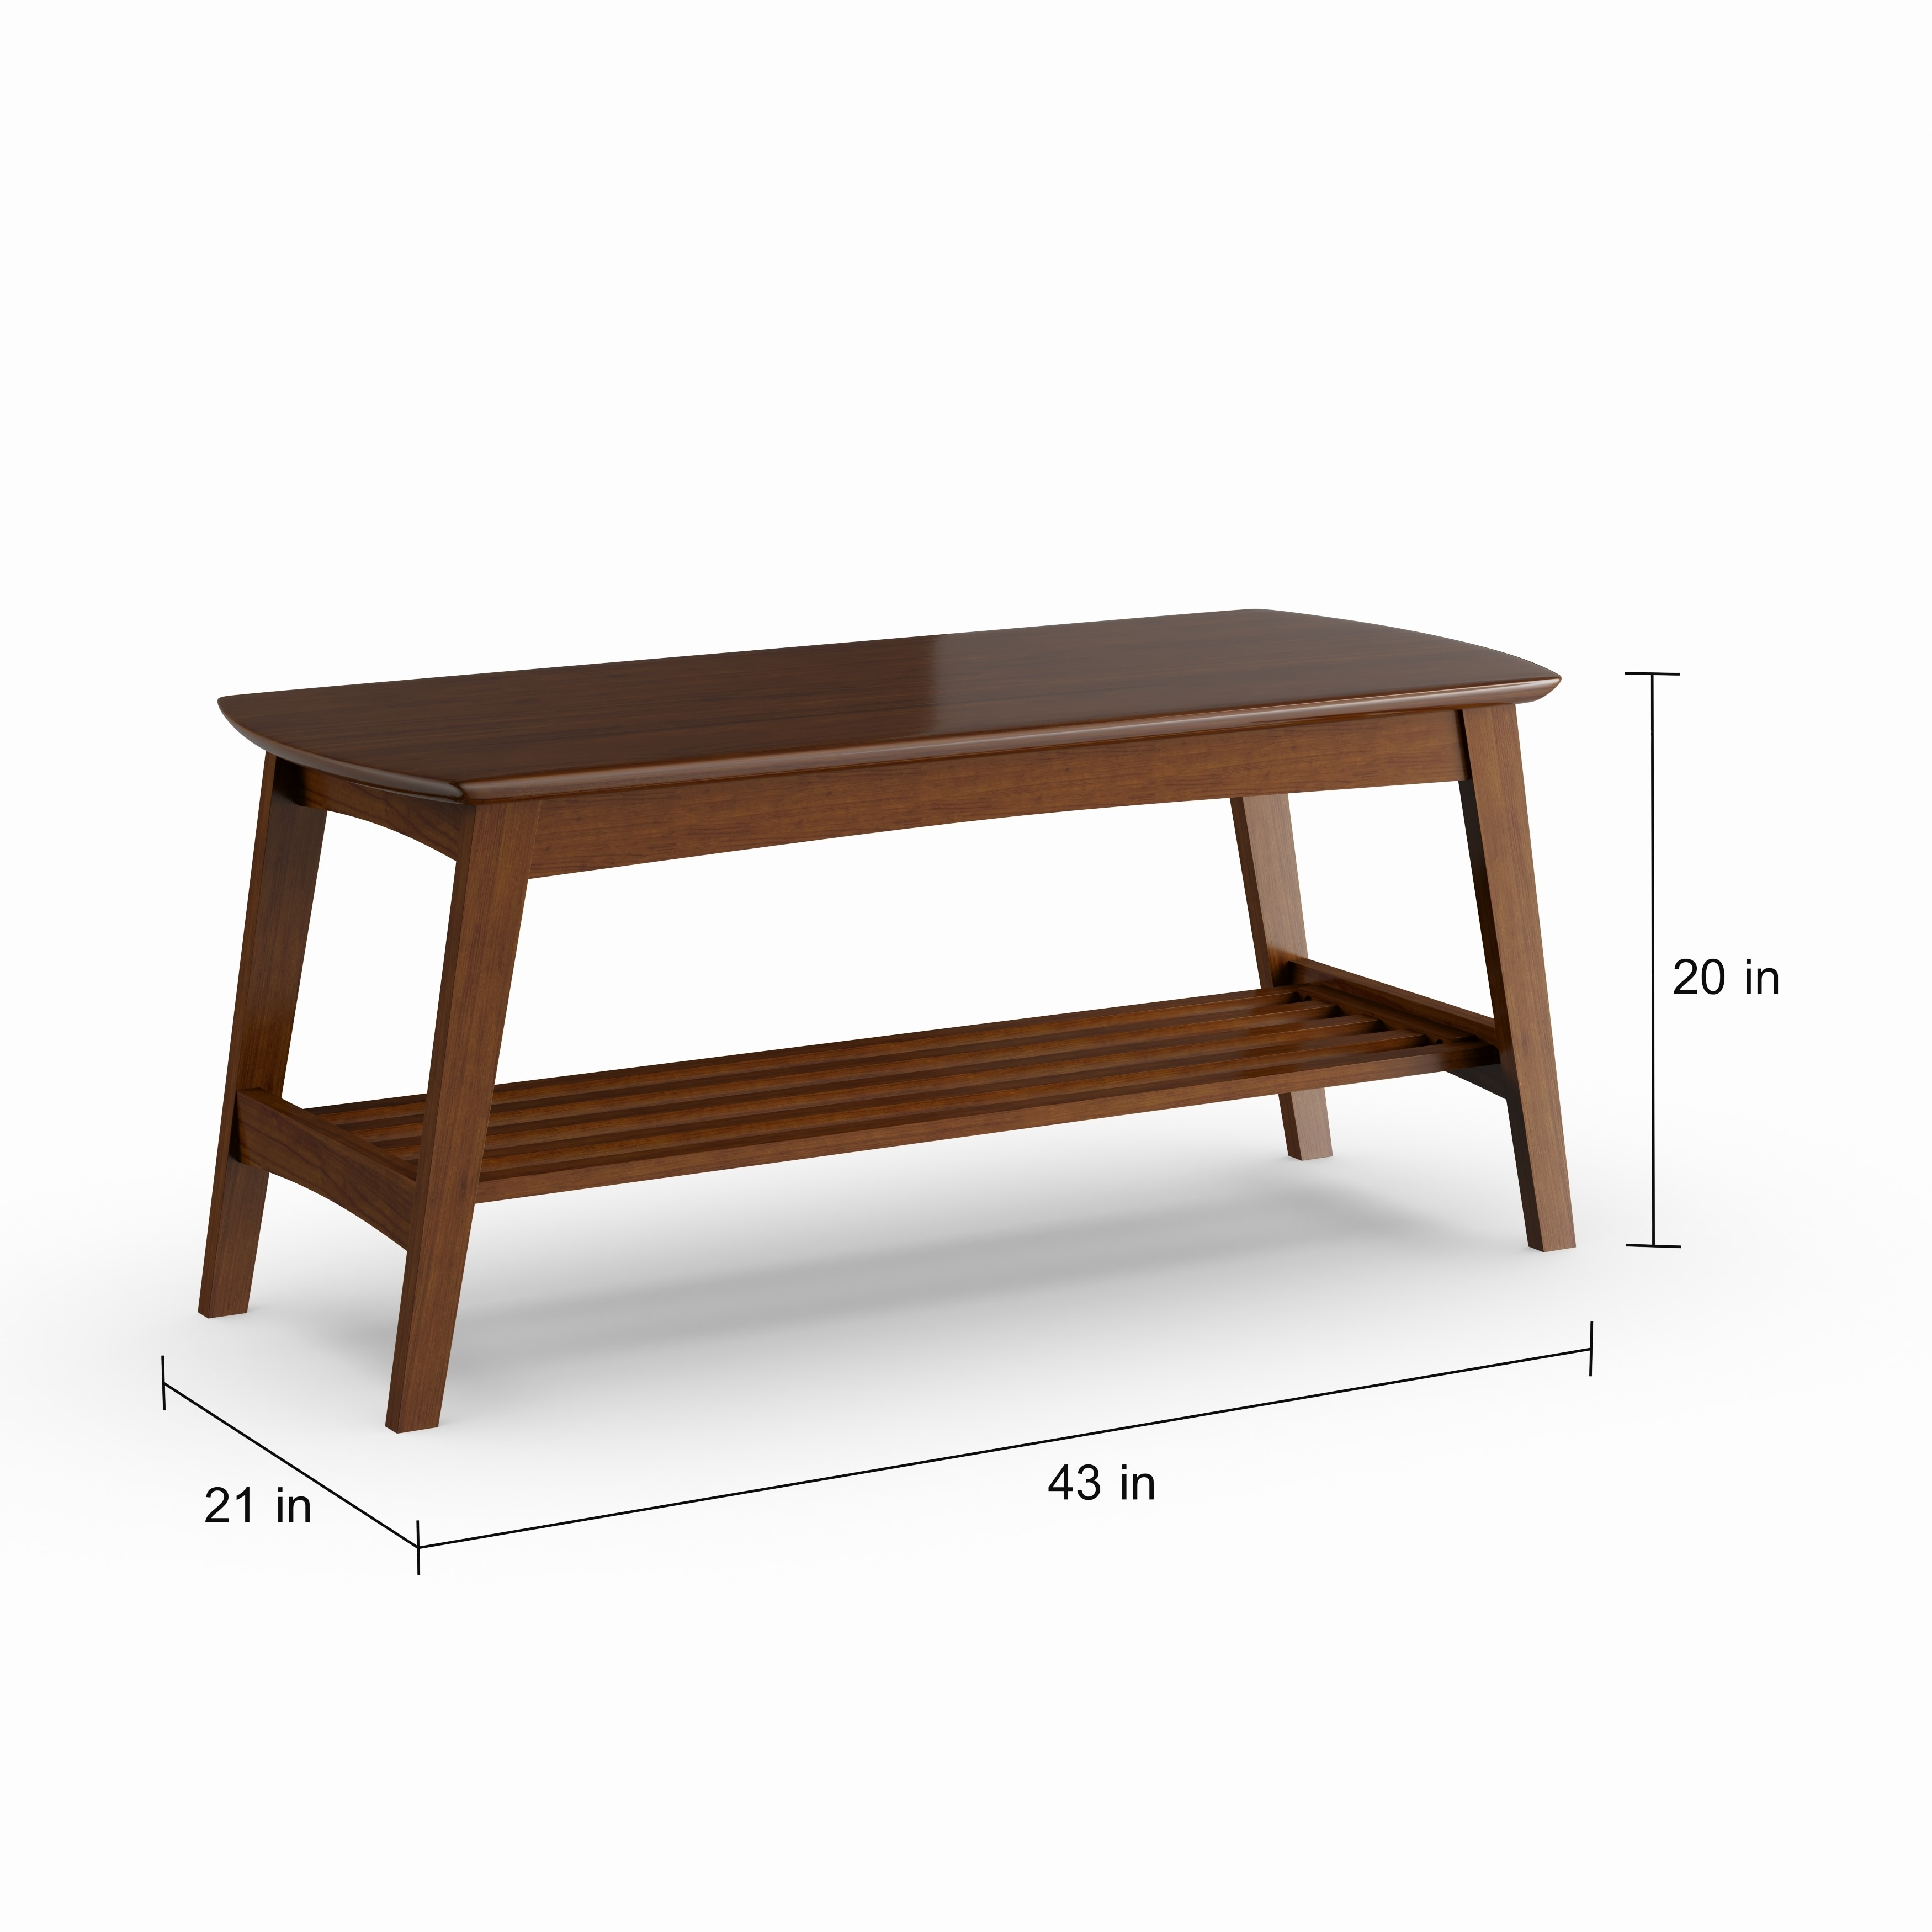 Carson Carrington Karkkila Mid Century Modern Scandinavian Style Dark Walnut Coffee Table